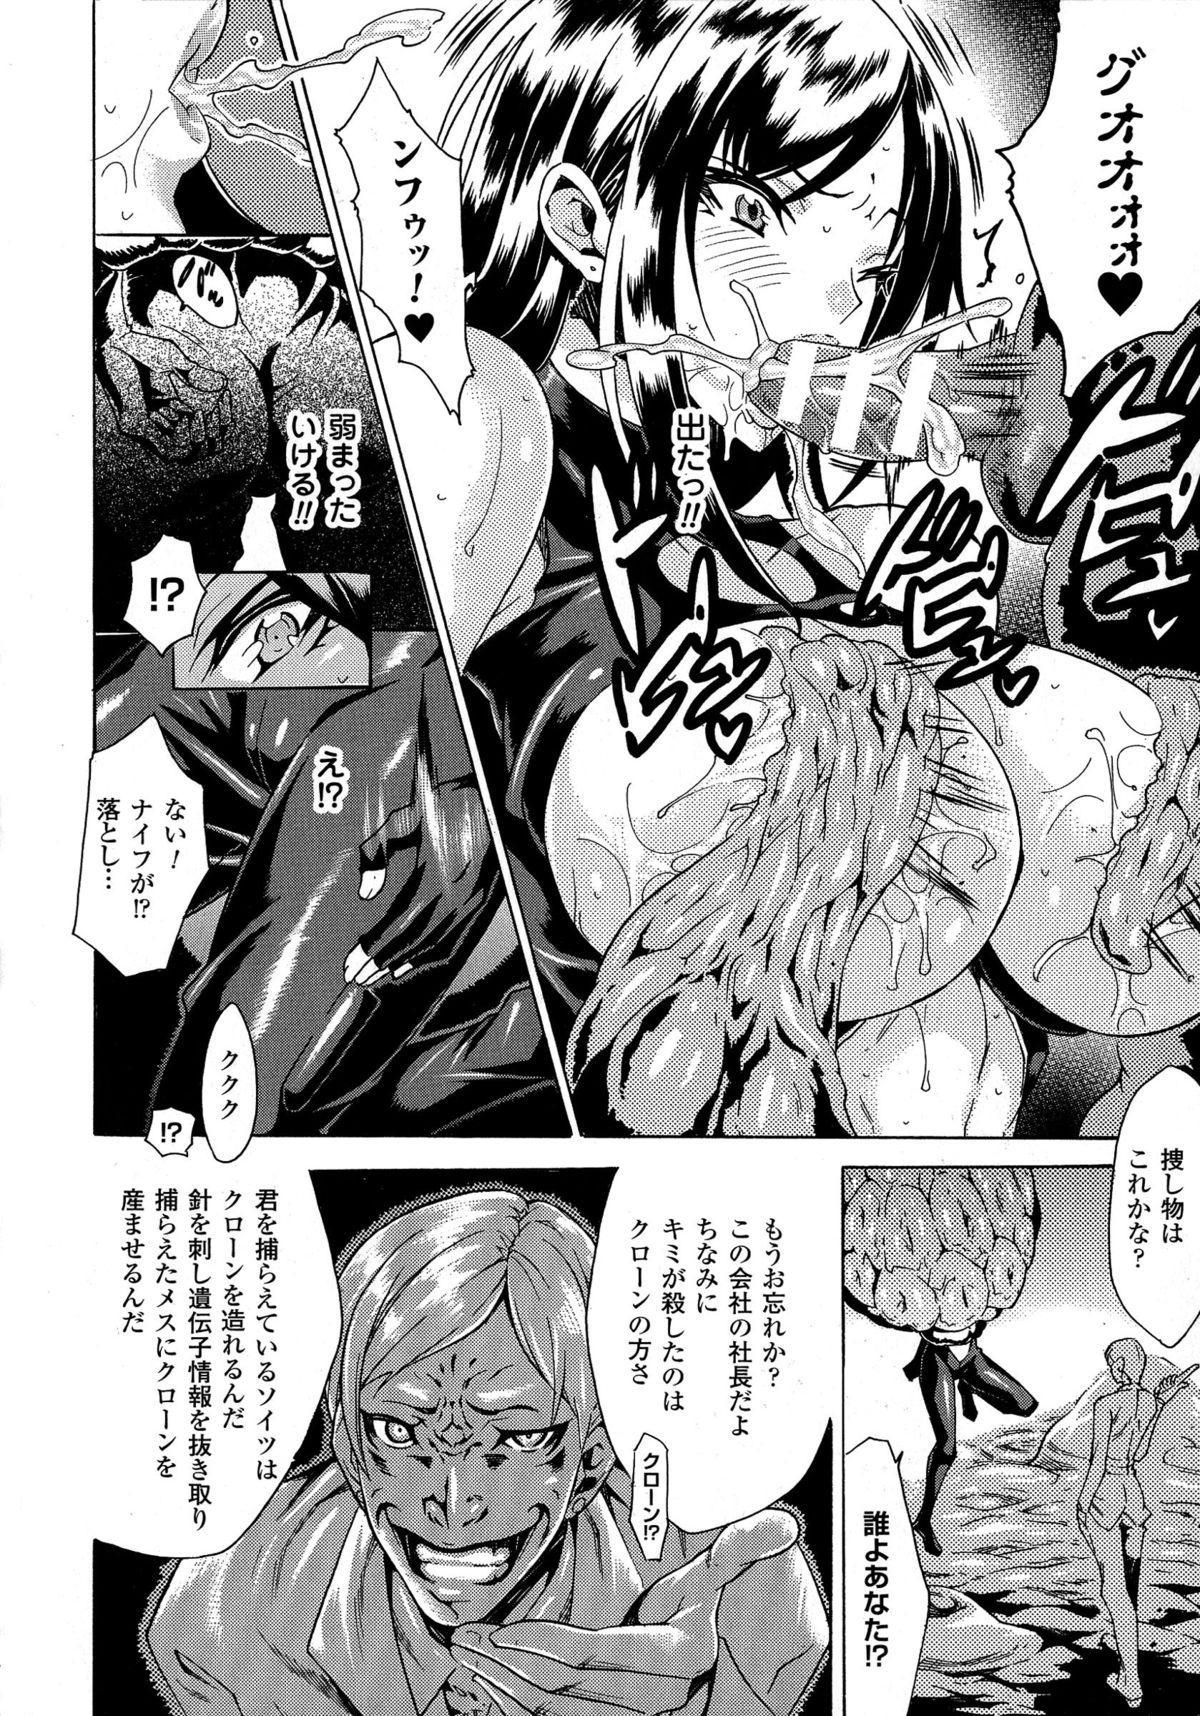 Kachiki na Onna ga Buzama na Ahegao o Sarasu made 13